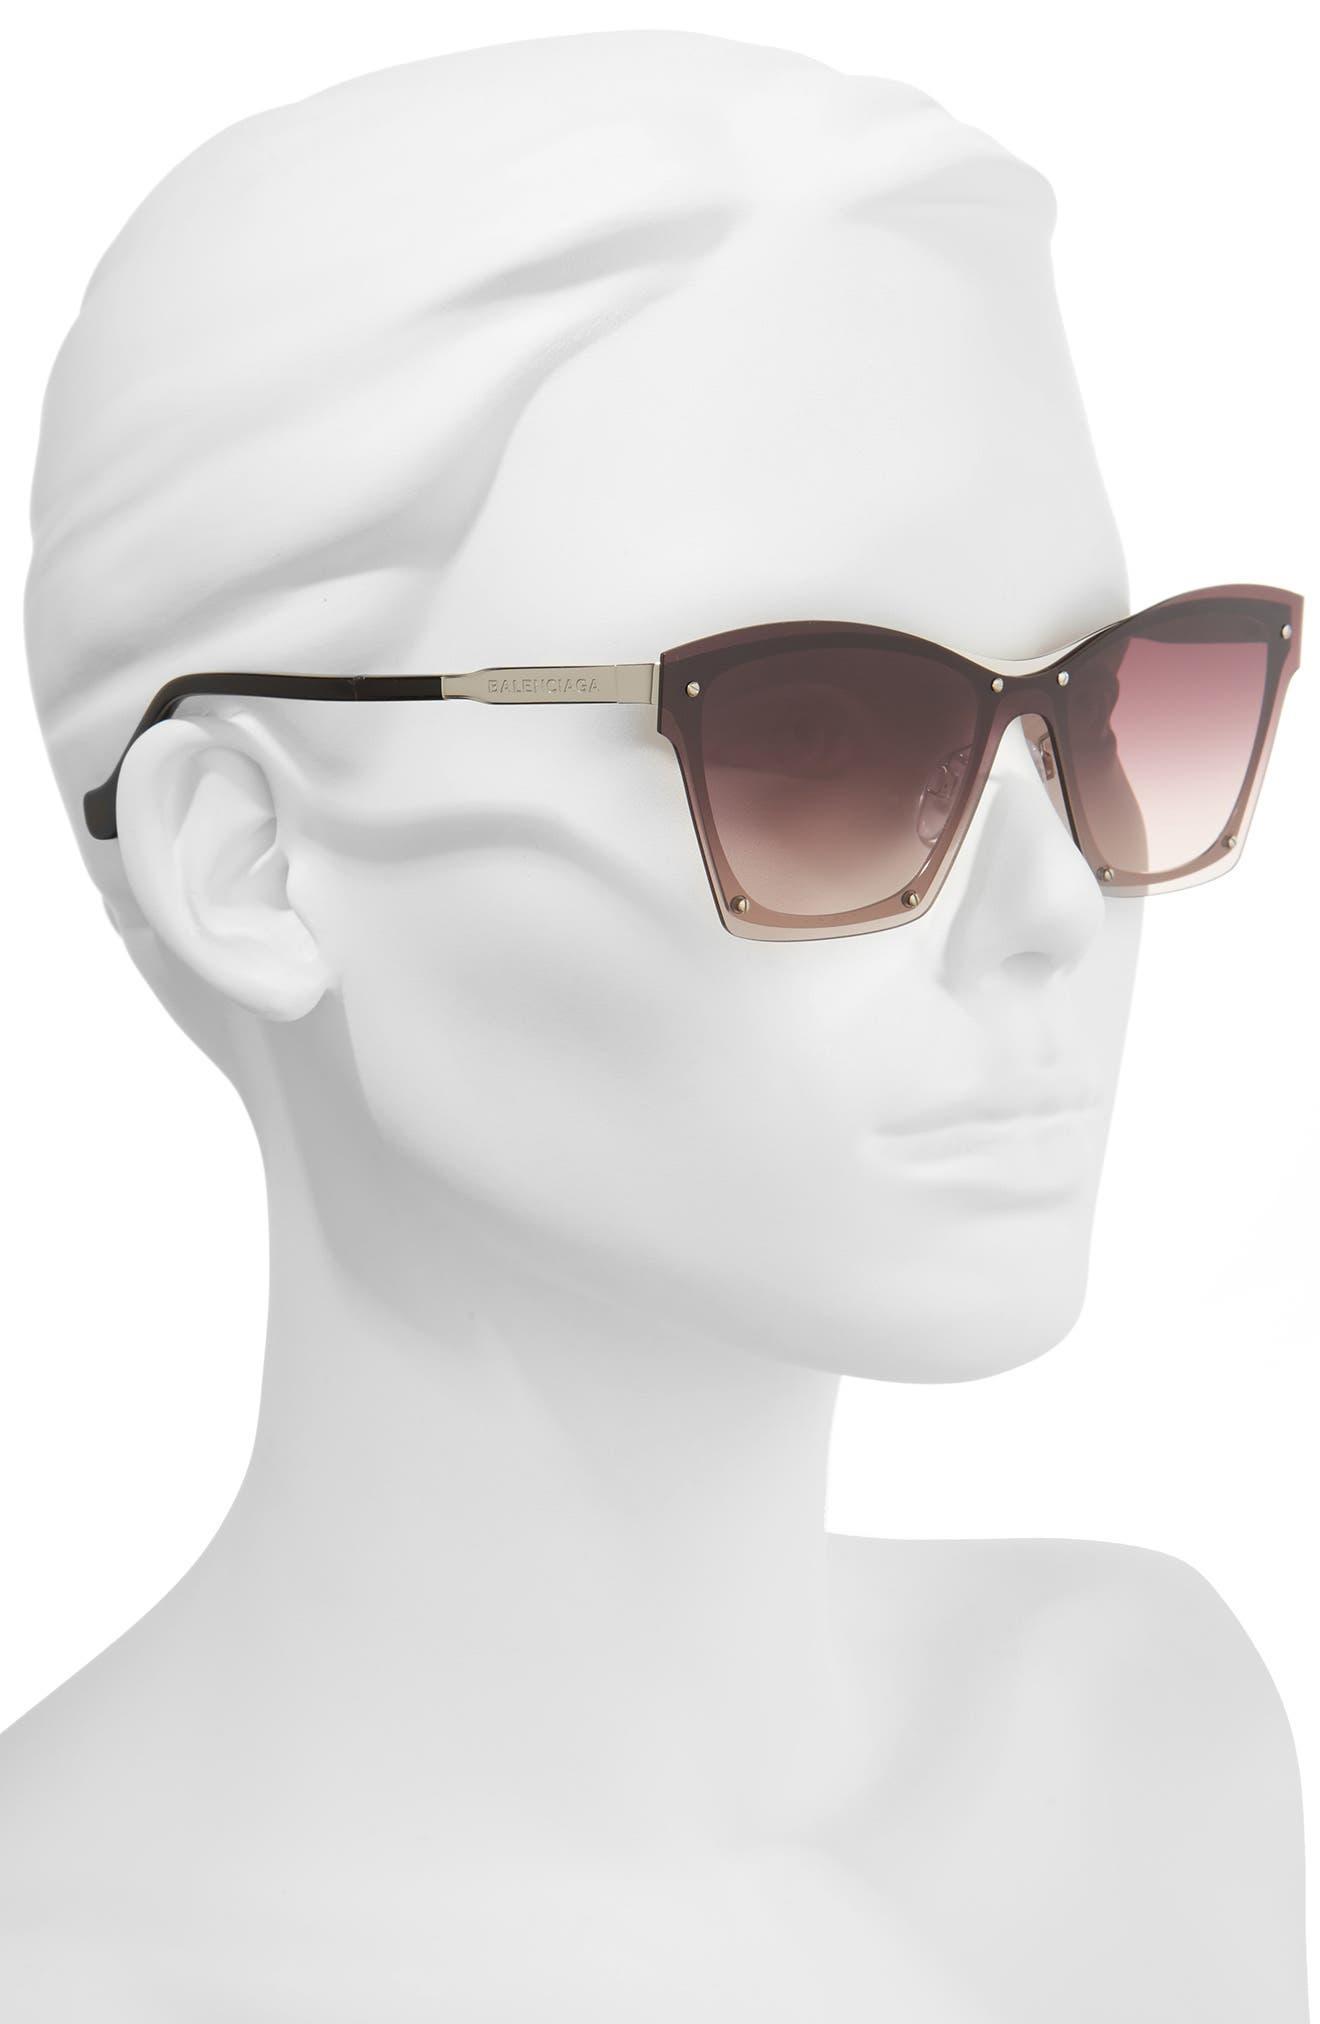 55mm Frameless Sunglasses,                             Alternate thumbnail 5, color,